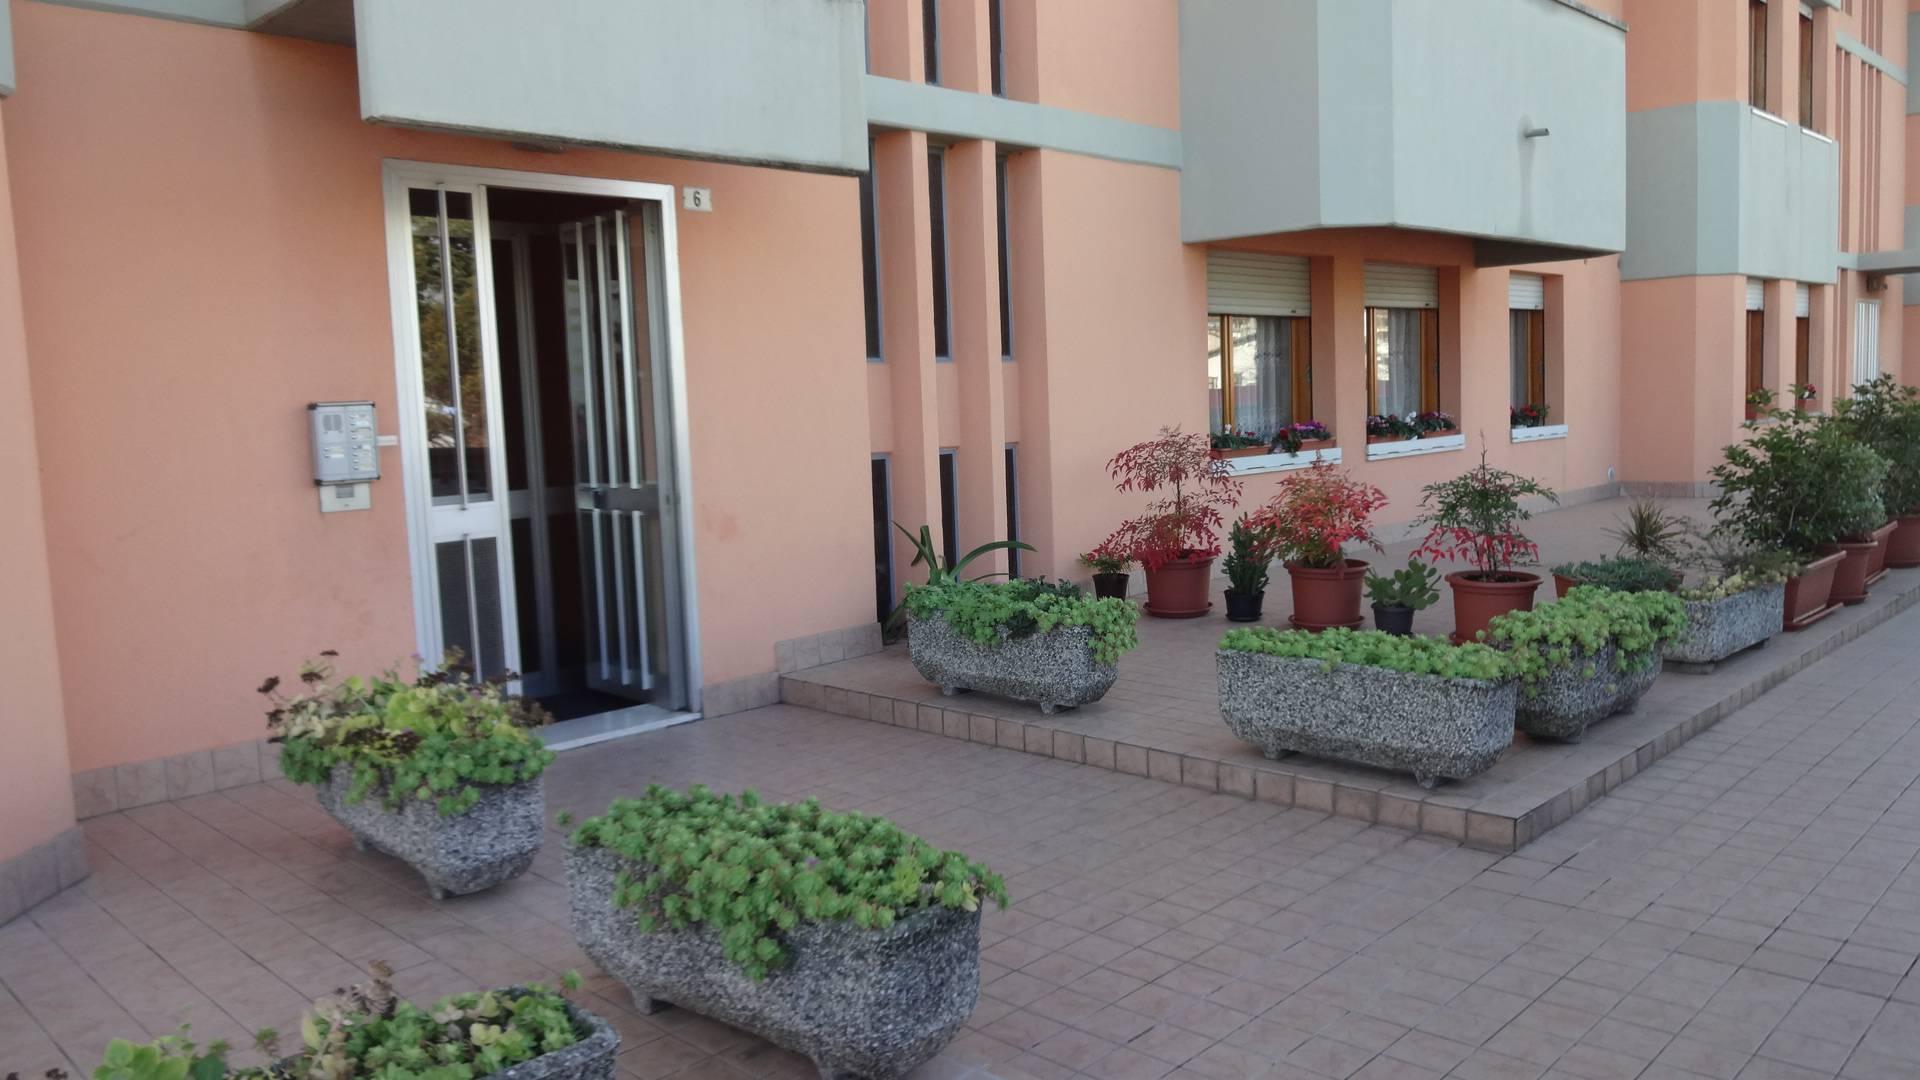 Appartamento in vendita a Montebelluna, 3 locali, zona Località: LaPieve, prezzo € 49.000 | Cambio Casa.it